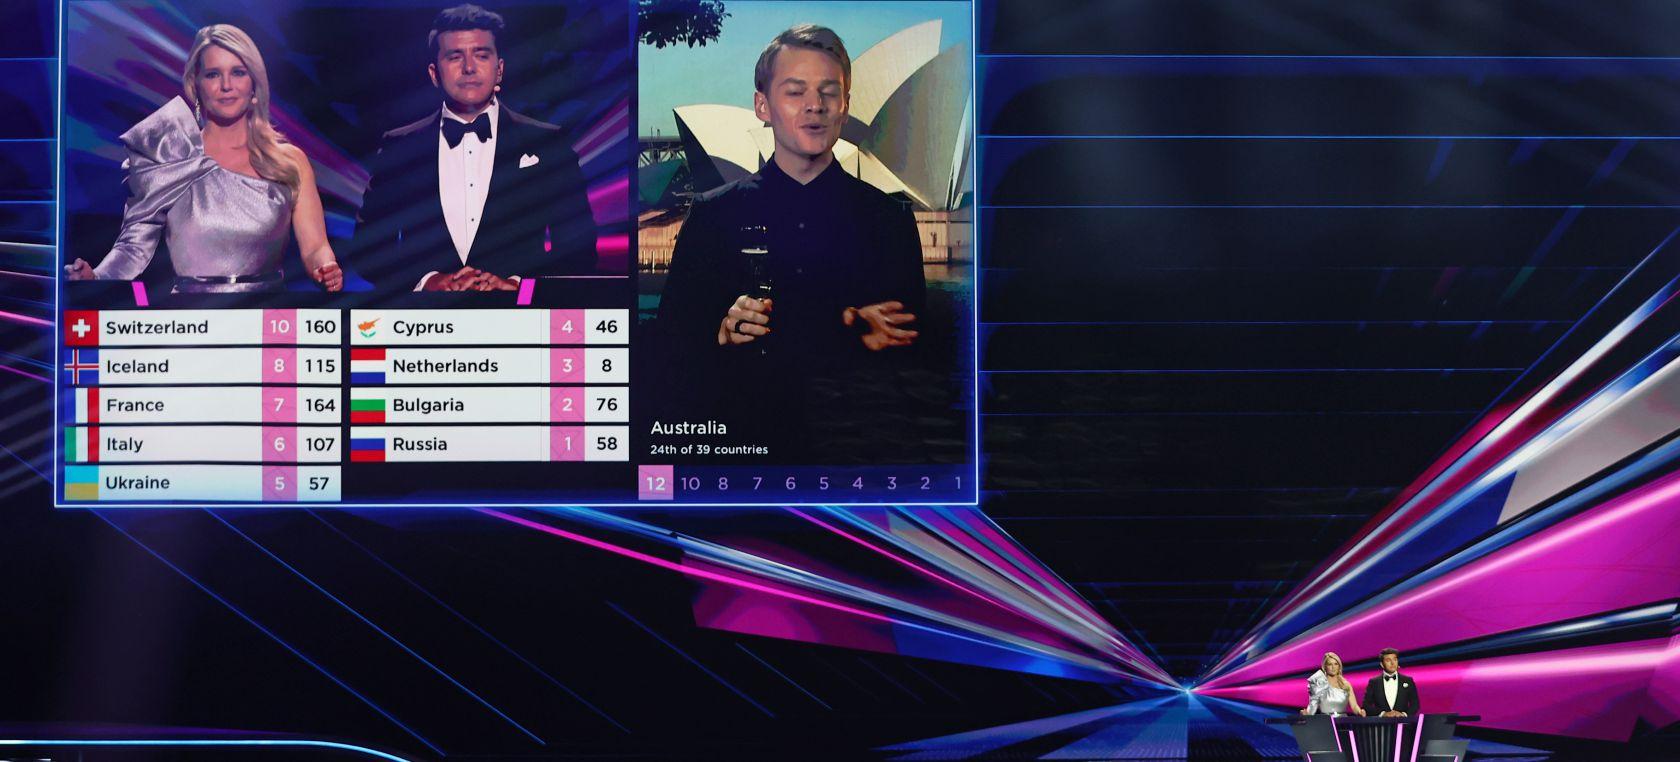 Resultados de Eurovisión 2021: así ha quedado la clasificación del festival